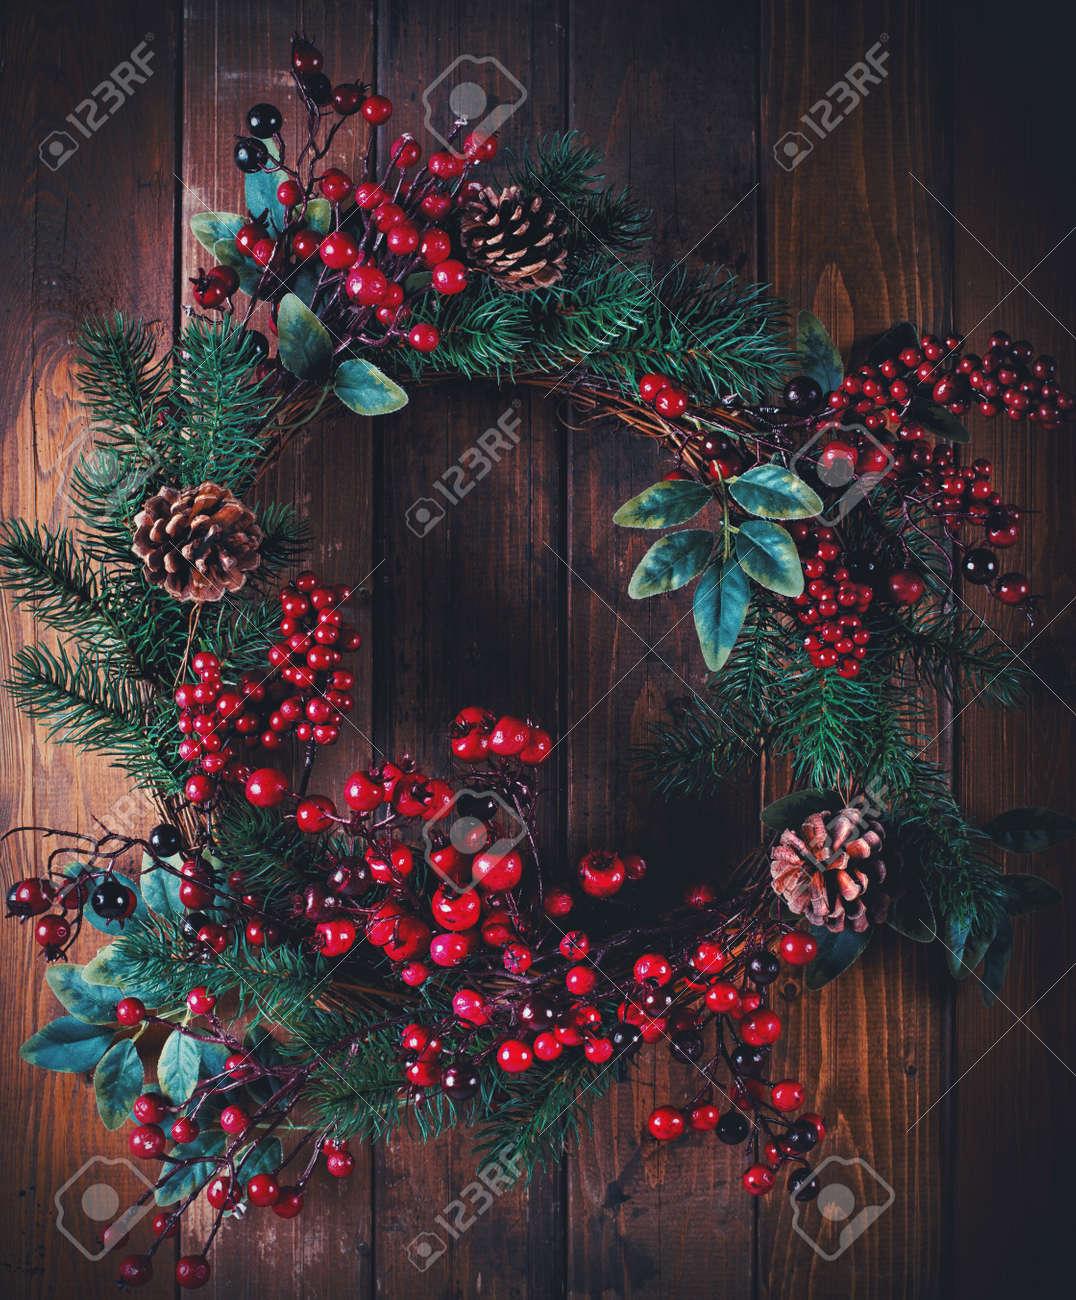 elegant decoracin de corona de navidad con pias y bayas de espino en el fondo de madera with de navidad con pias with adornos navidad con pias - Adornos De Navidad Con Pias